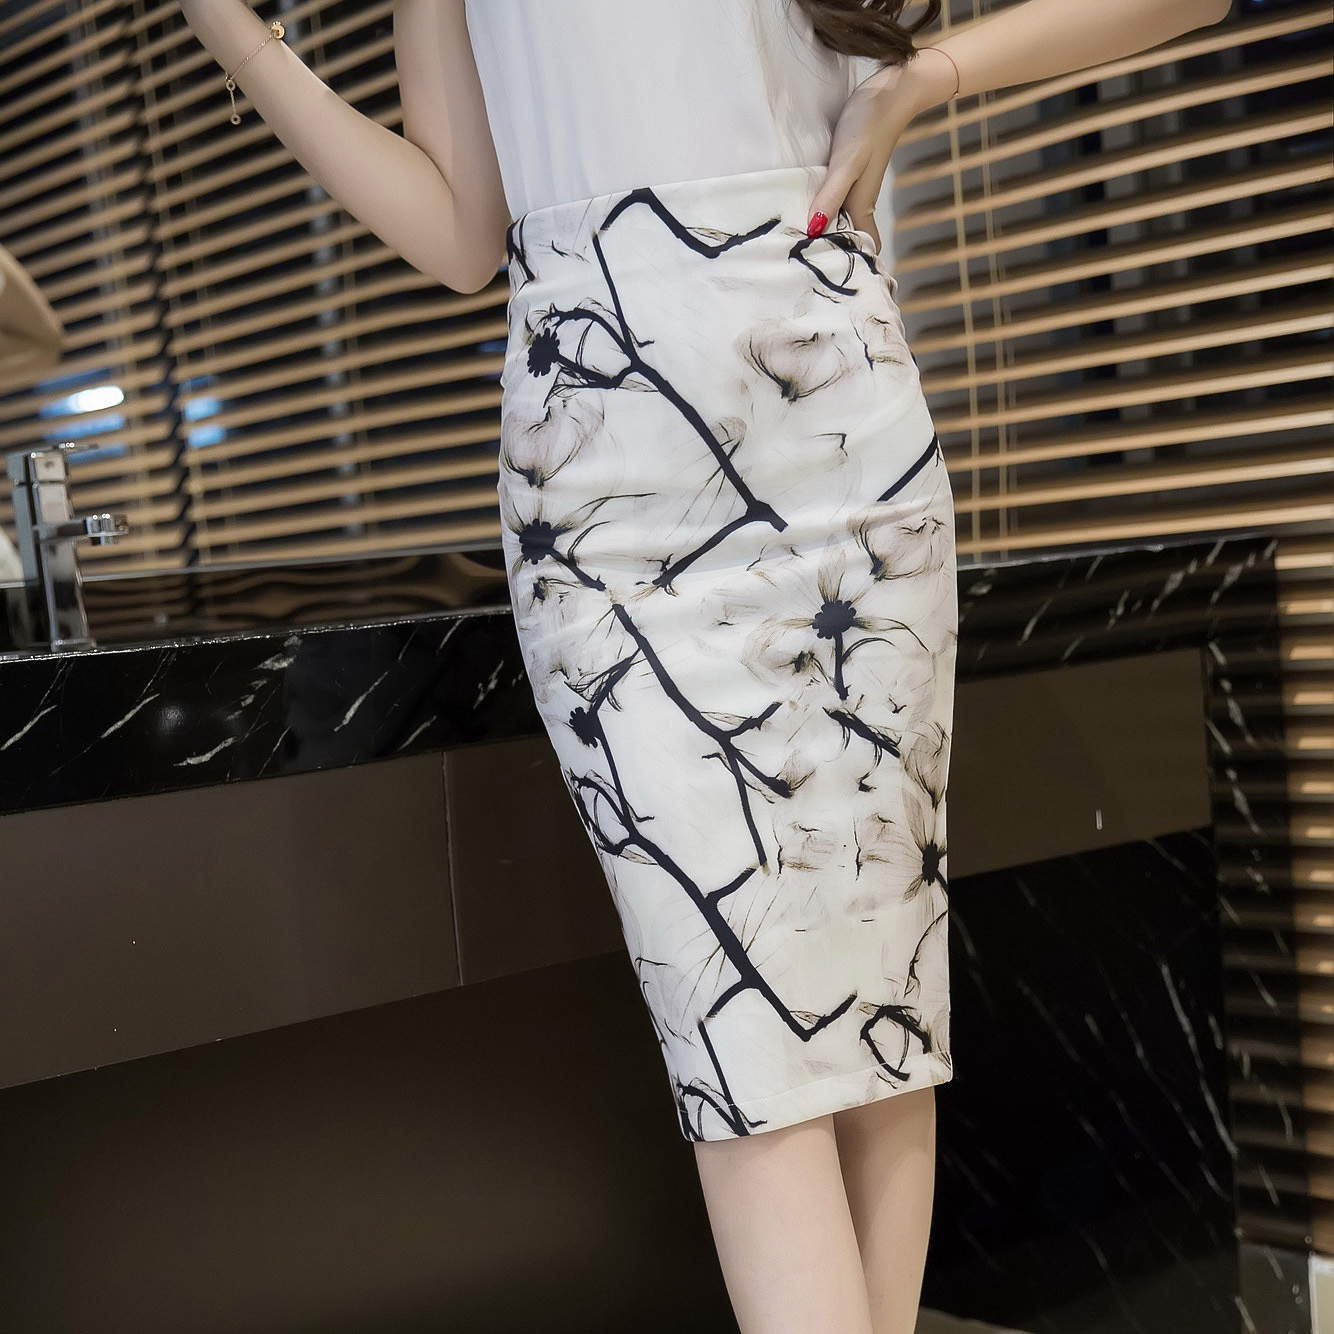 印花高腰半身裙包臀裙春夏秋冬女装修身显瘦碎花中裙一步裙铅笔裙